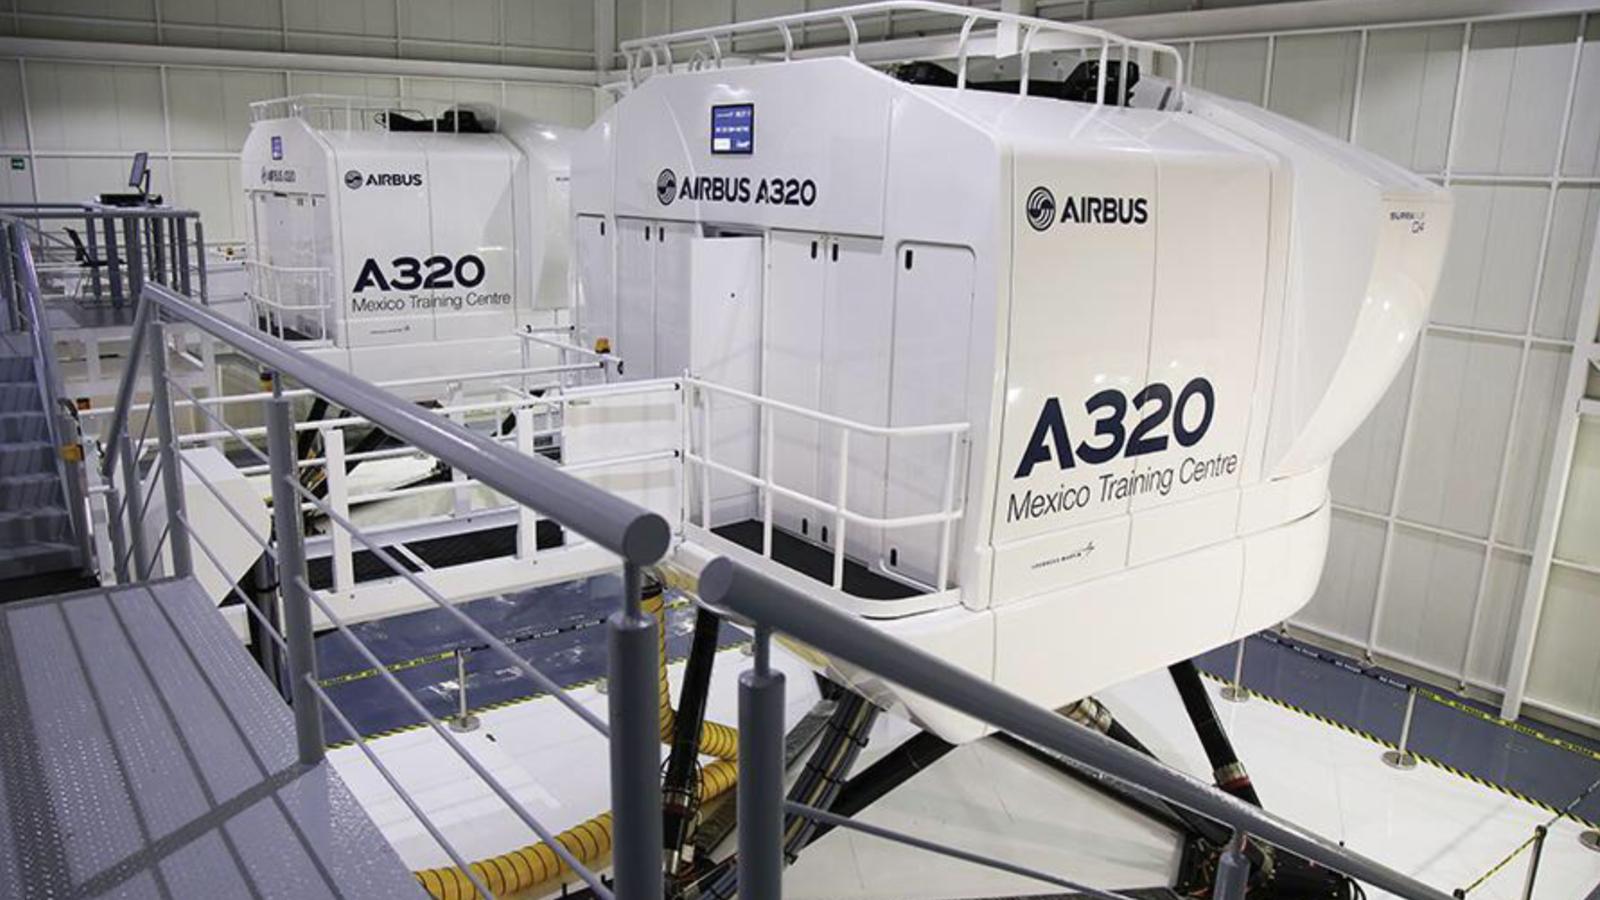 Airbus Training Center Mexico